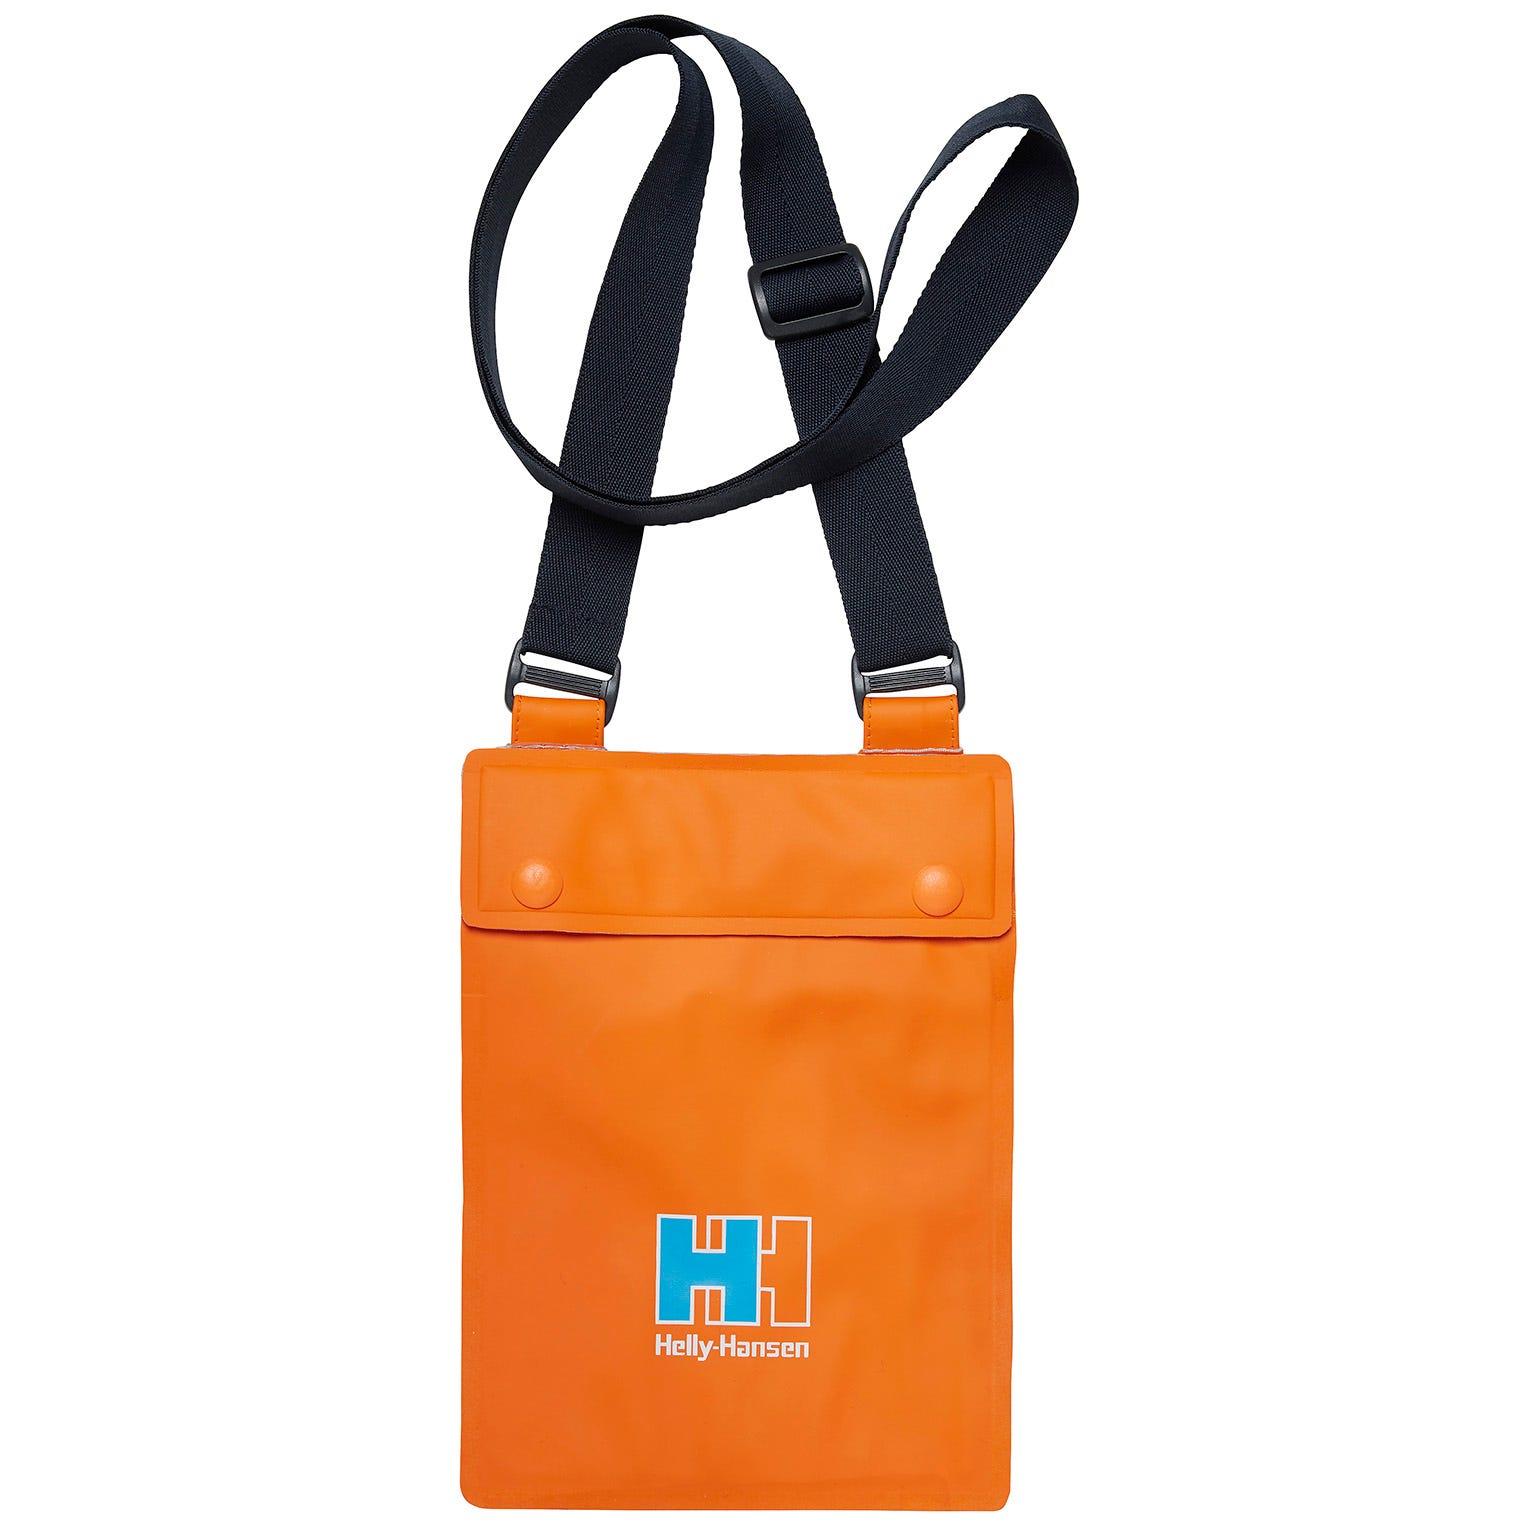 Helly Hansen Phone Bag Orange STD